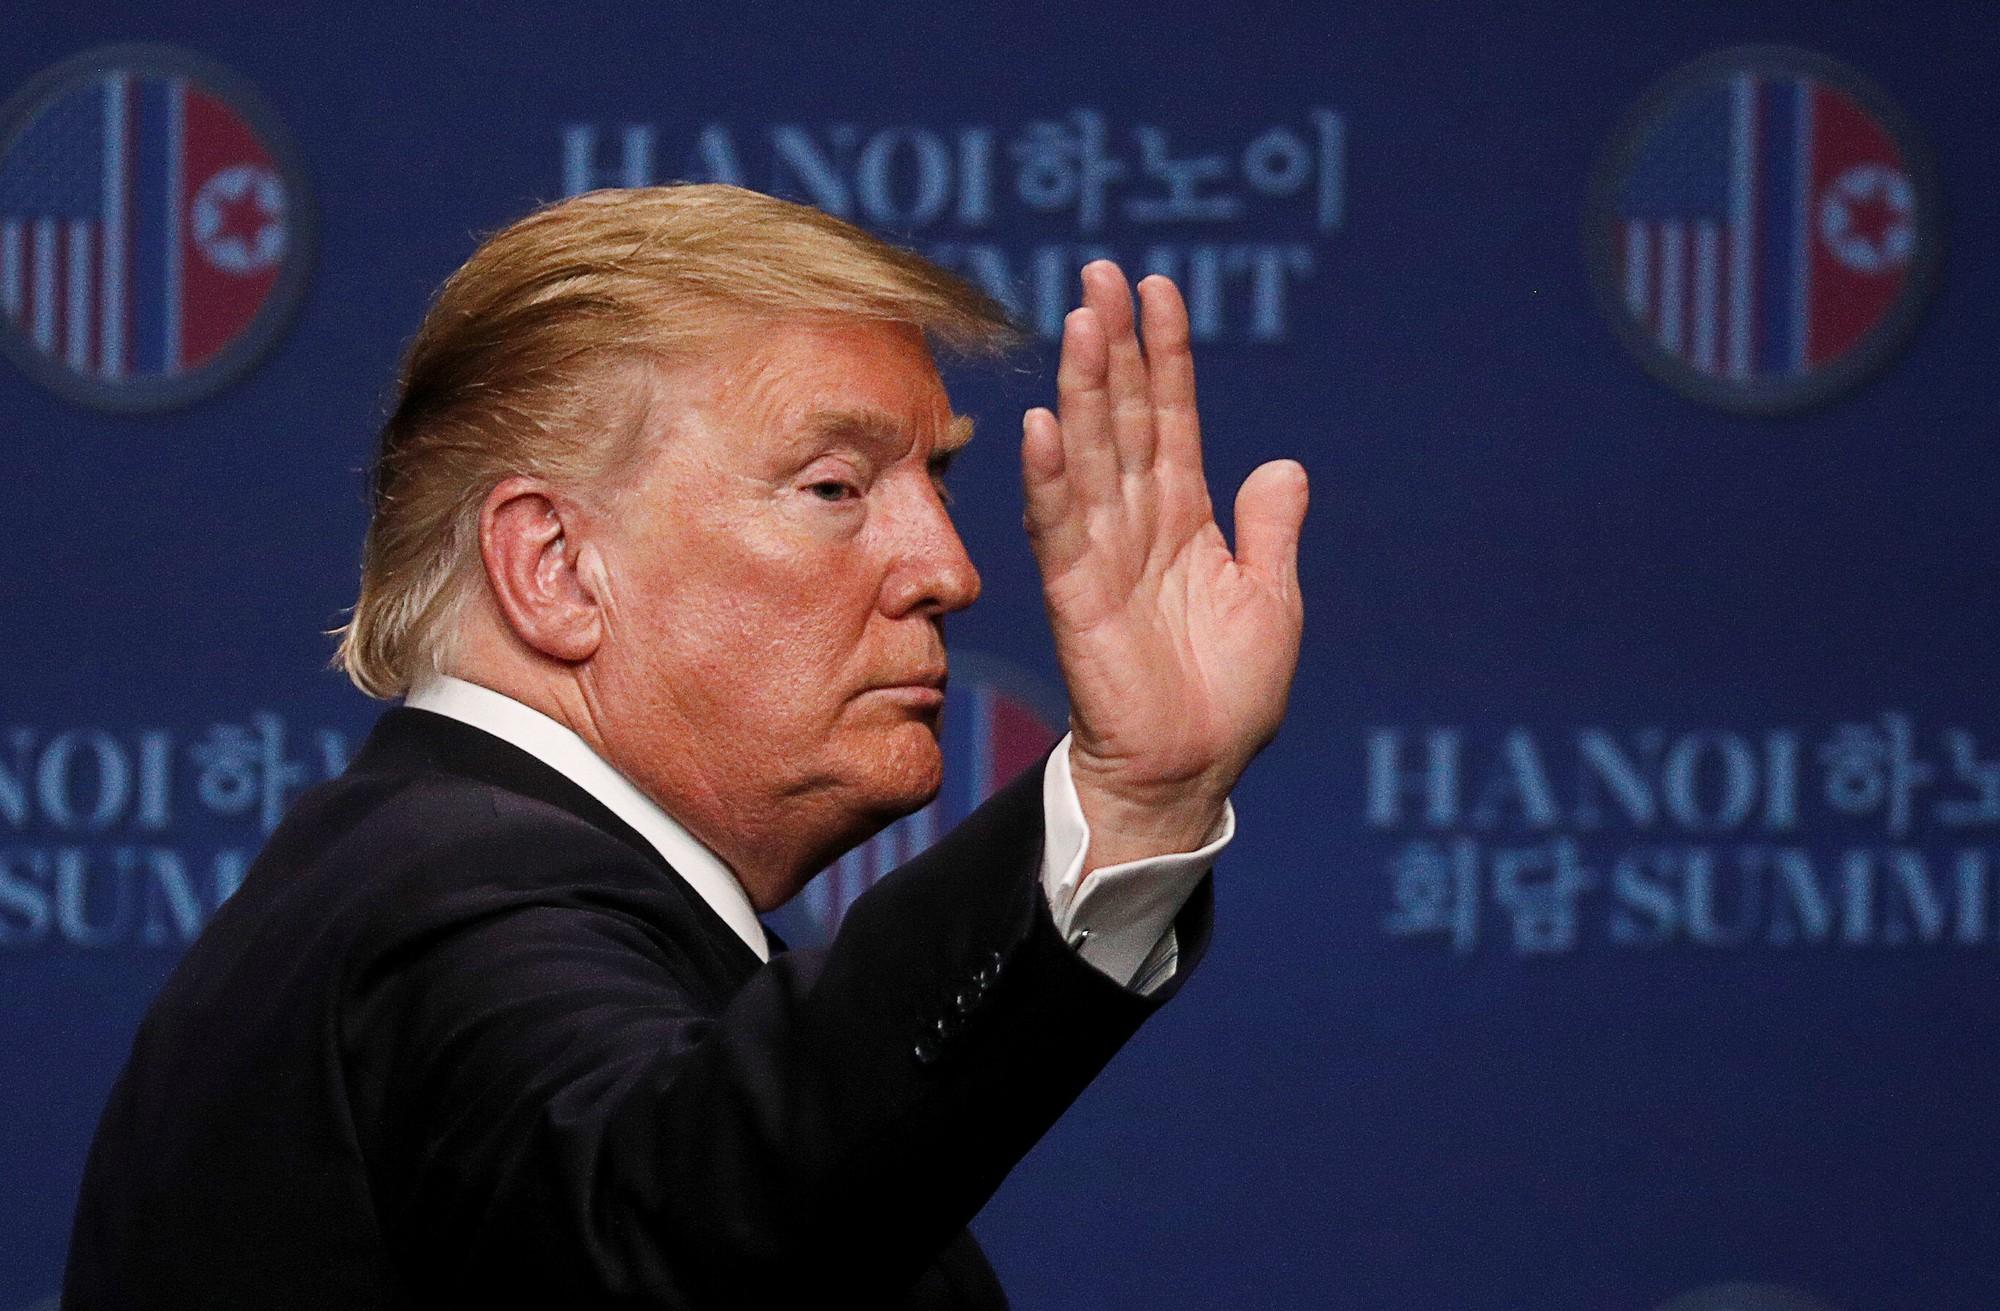 Tổng thống Trump: Tôi không hứa sẽ tổ chức thượng đỉnh lần 3 - Ảnh 1.